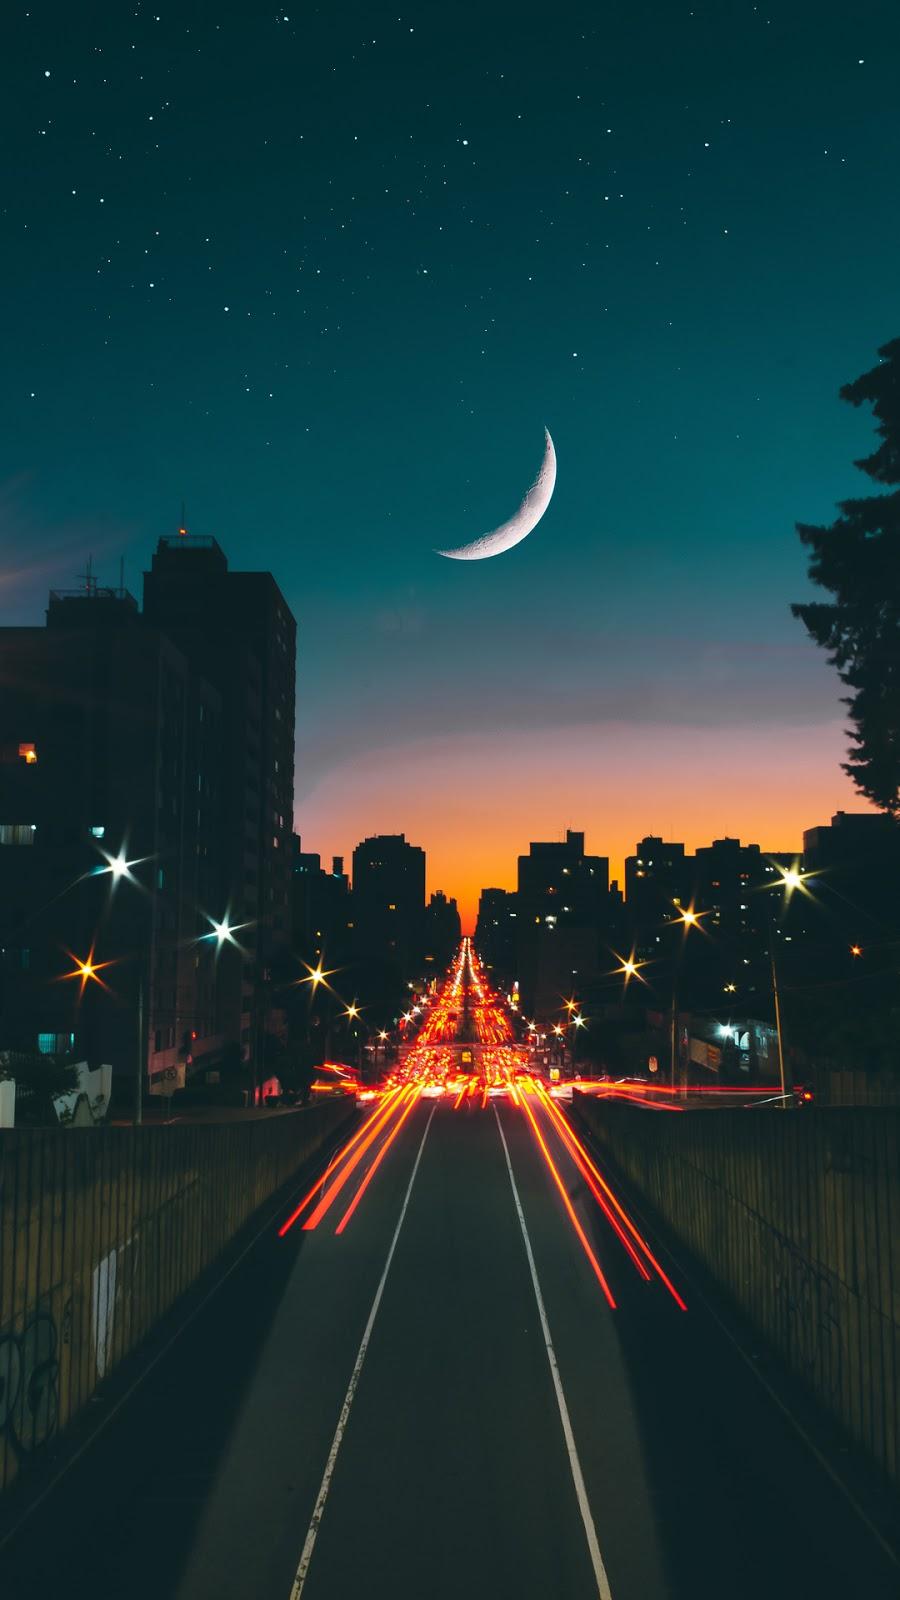 Con đường giữa đêm trăng khuyết đầy sao